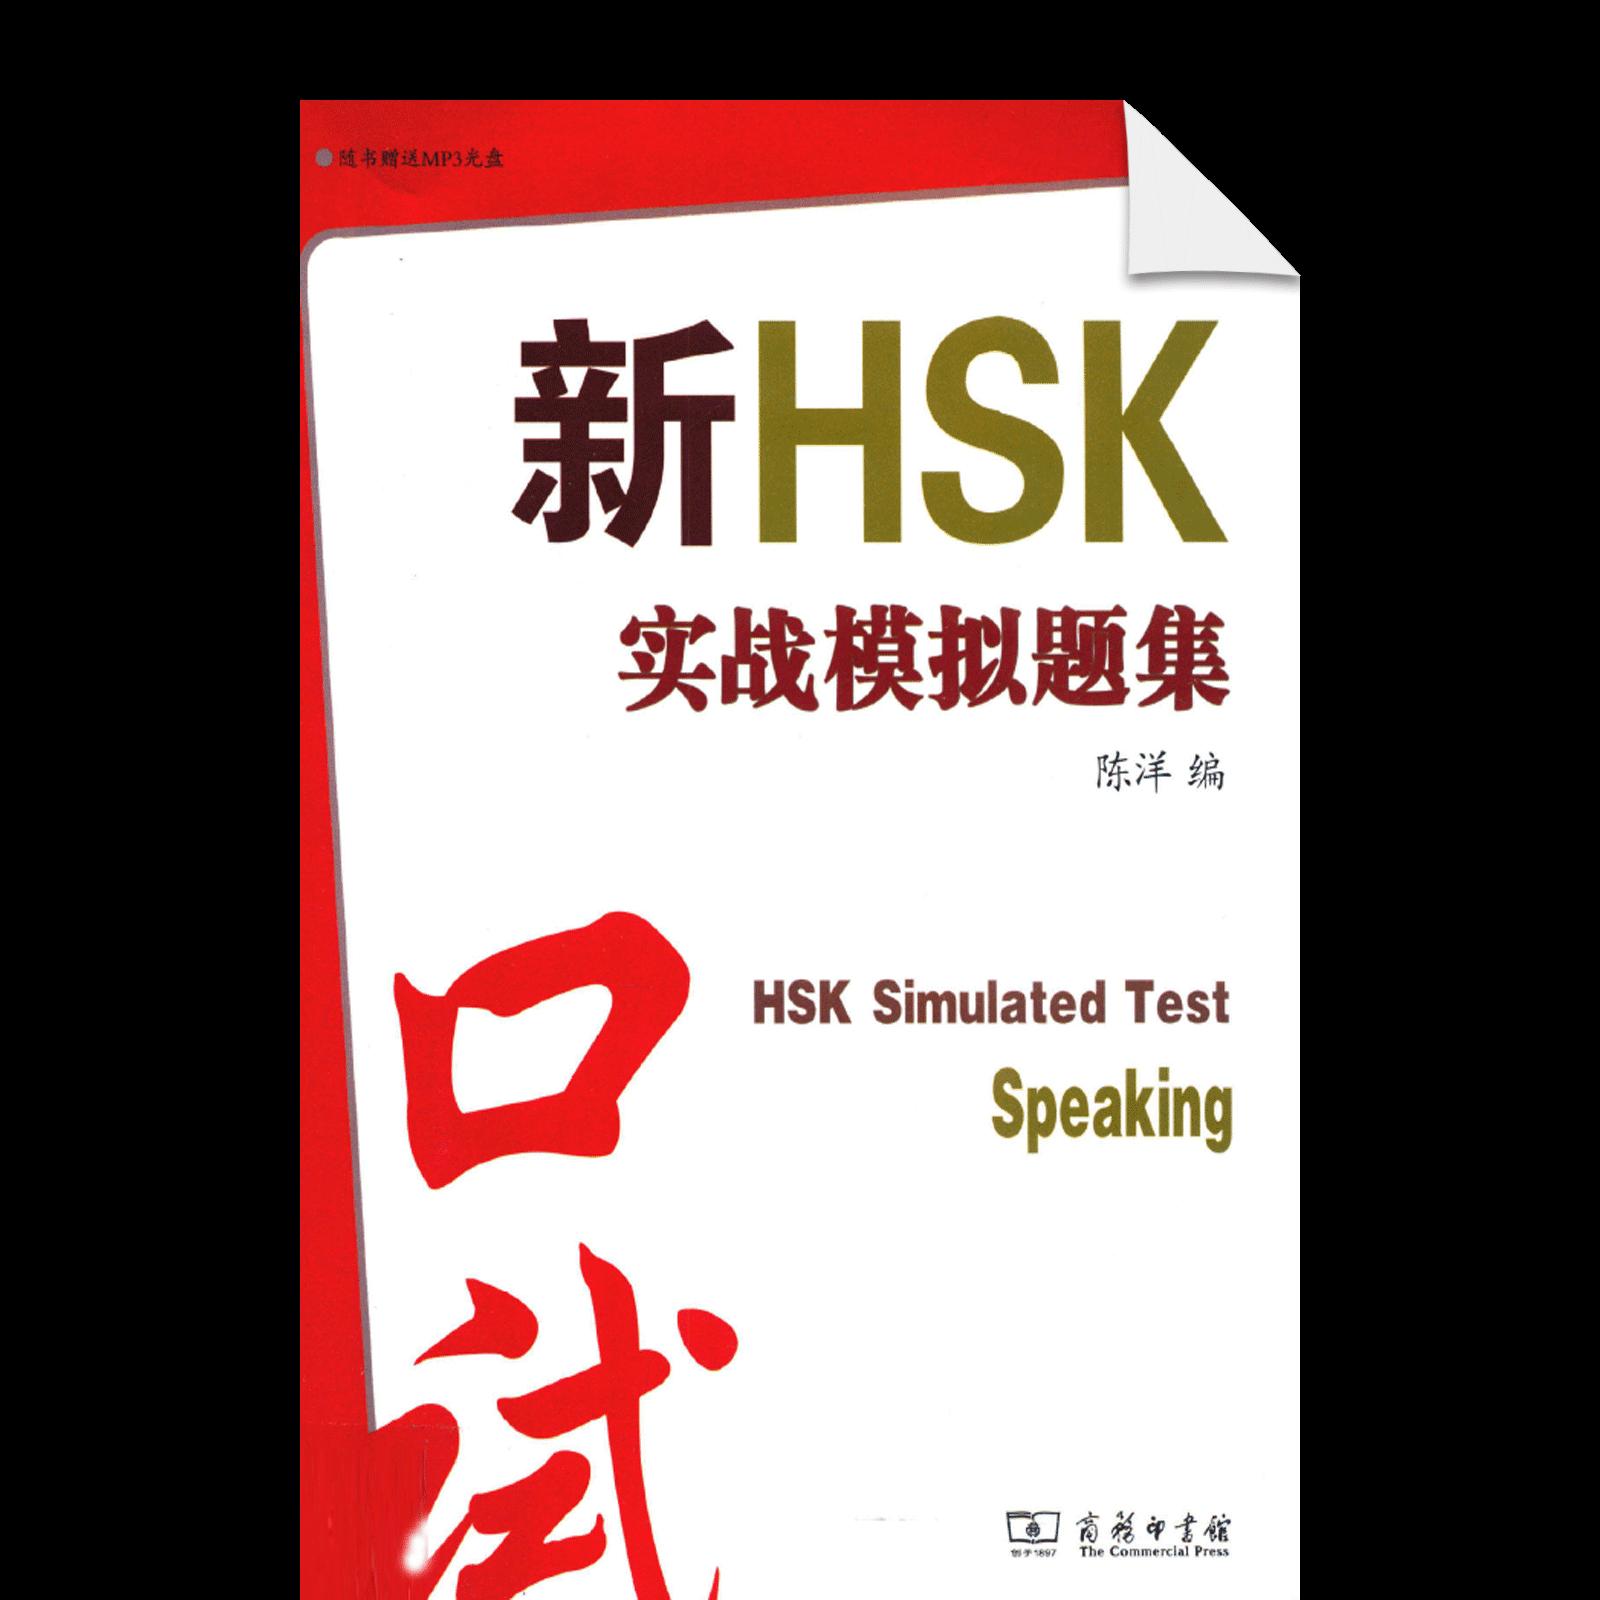 Hskk Xinhsk Shizhan Moni Tiji